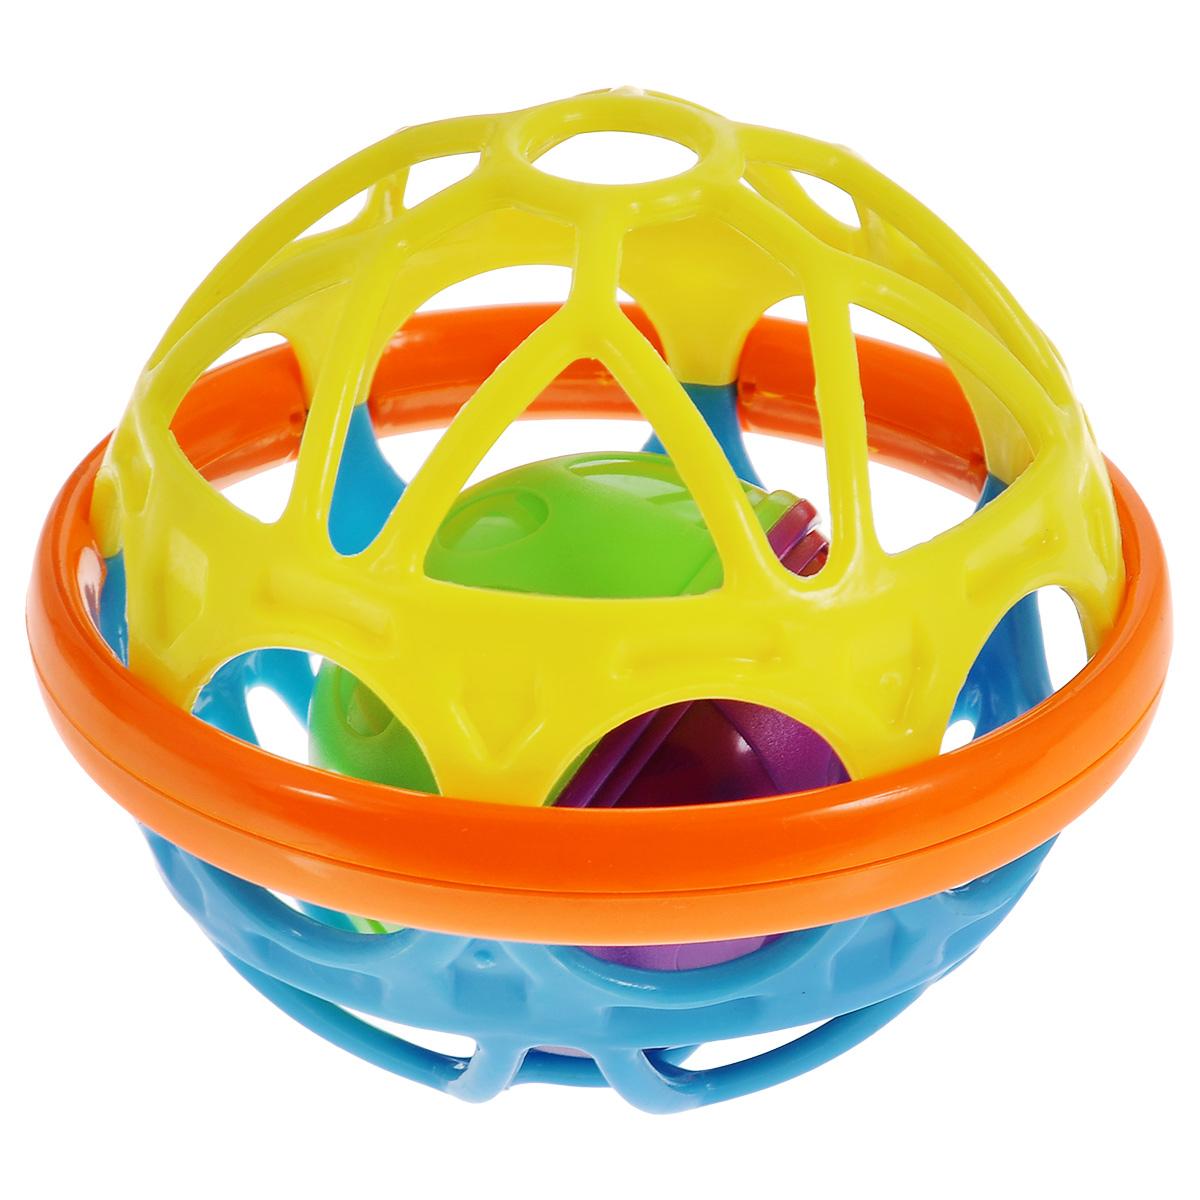 Погремушка Mioshi Гибкий шар, цвет: желтый, голубой погремушка mioshi гибкий шар цвет желтый голубой